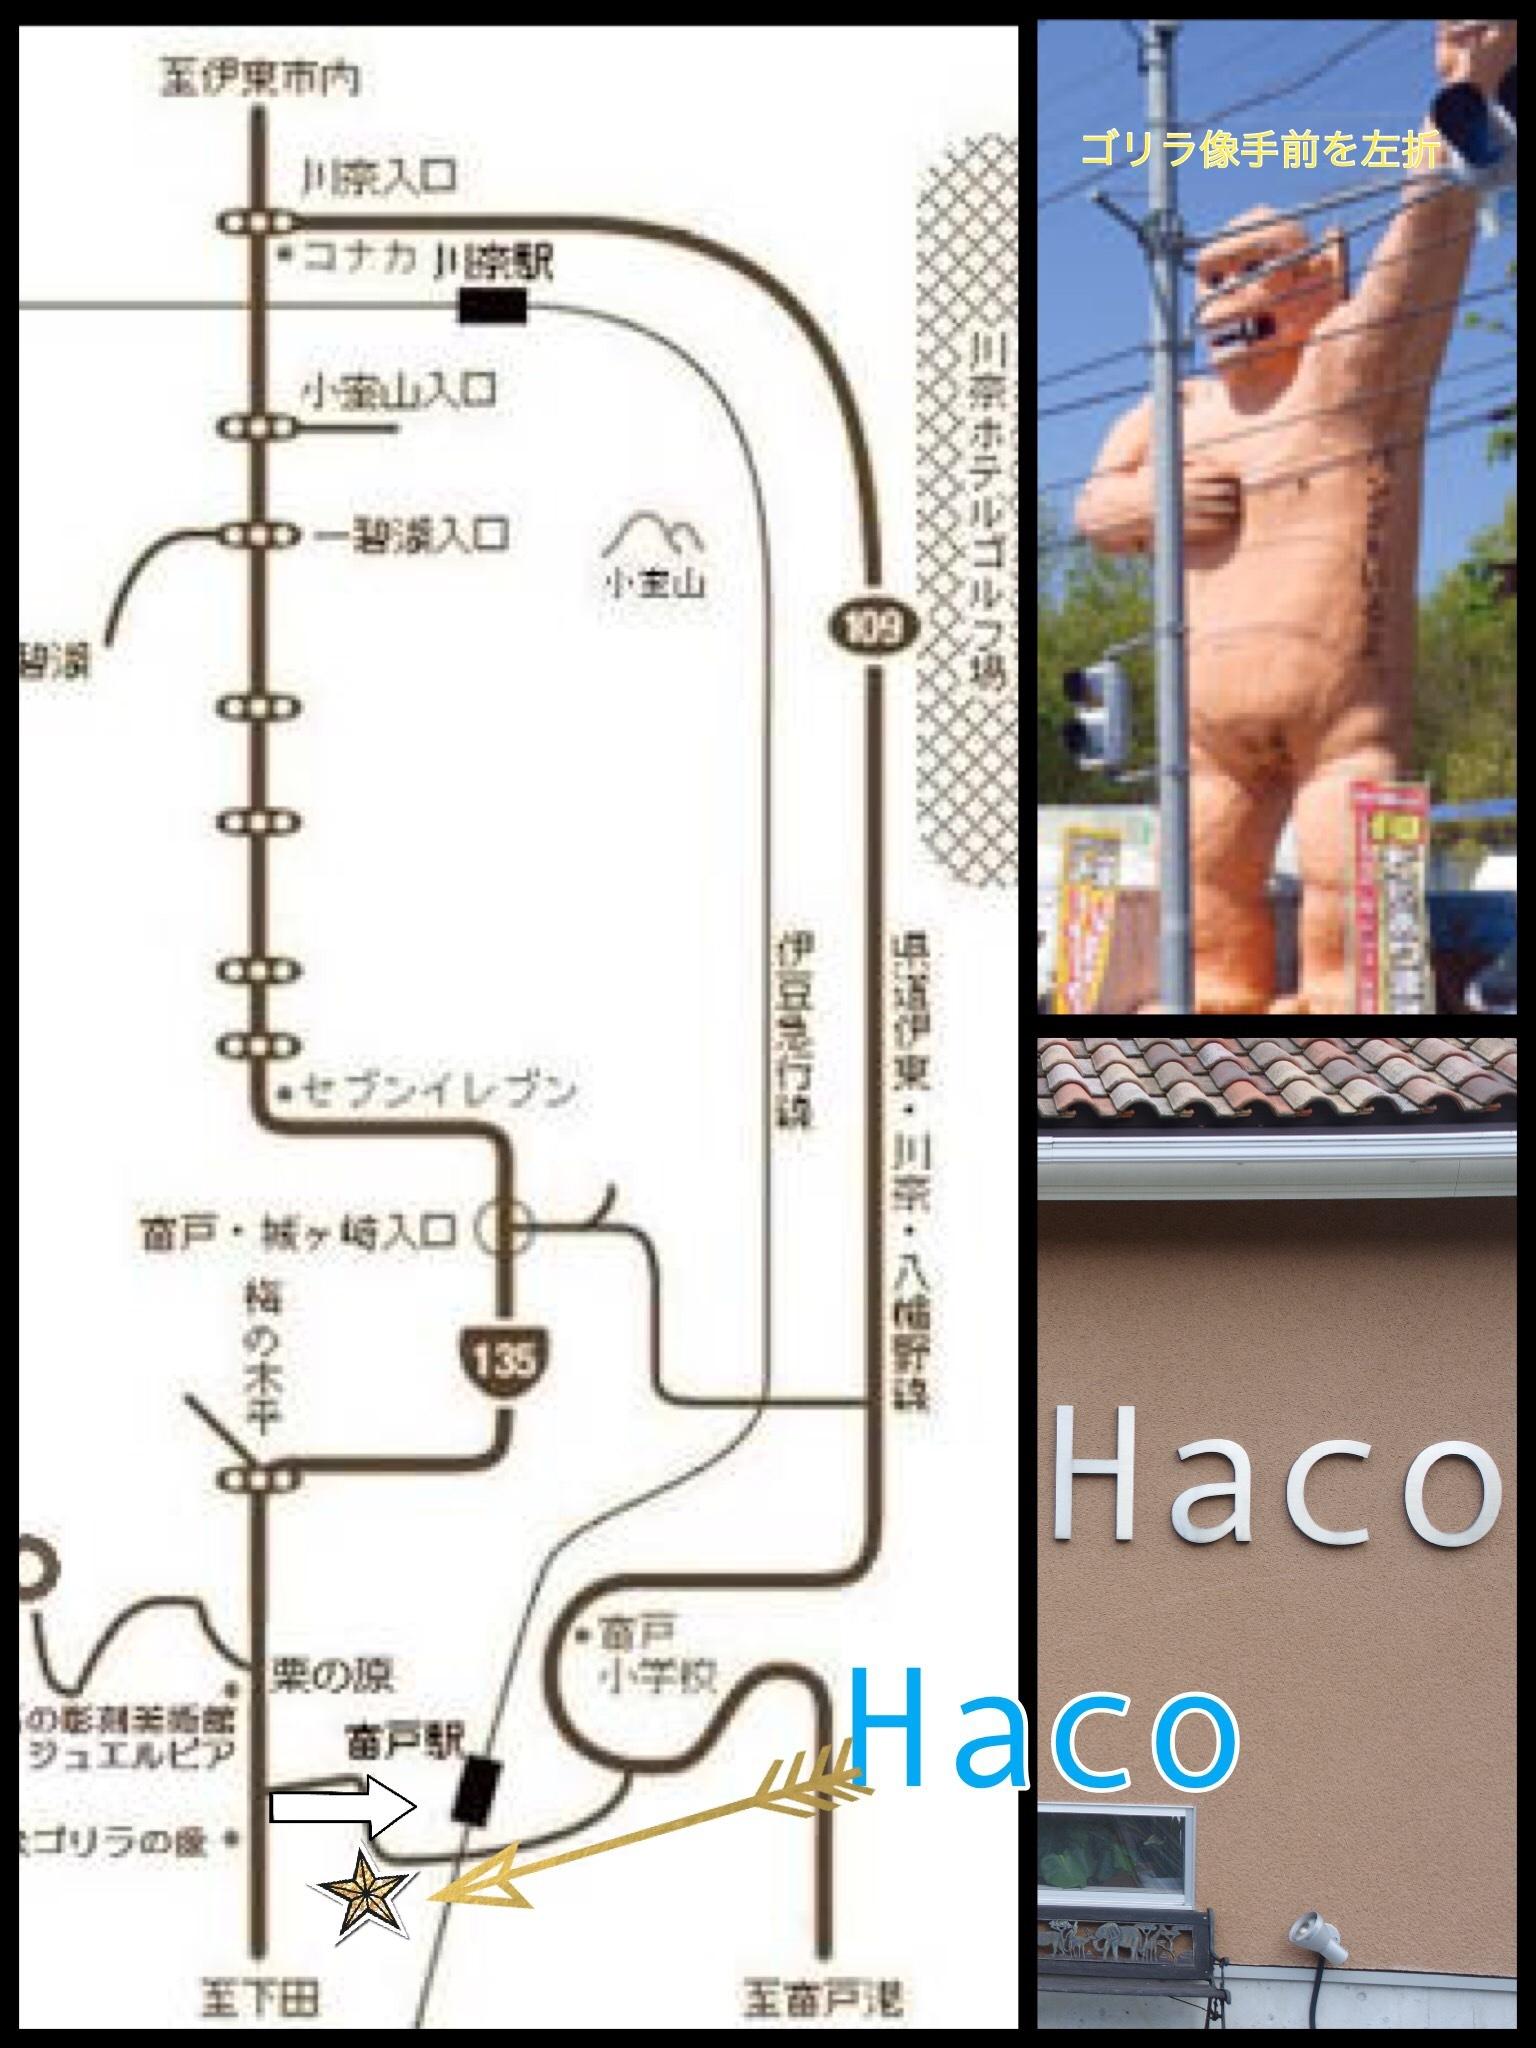 伊豆高原 記念日を祝う宿 自然家 Haco